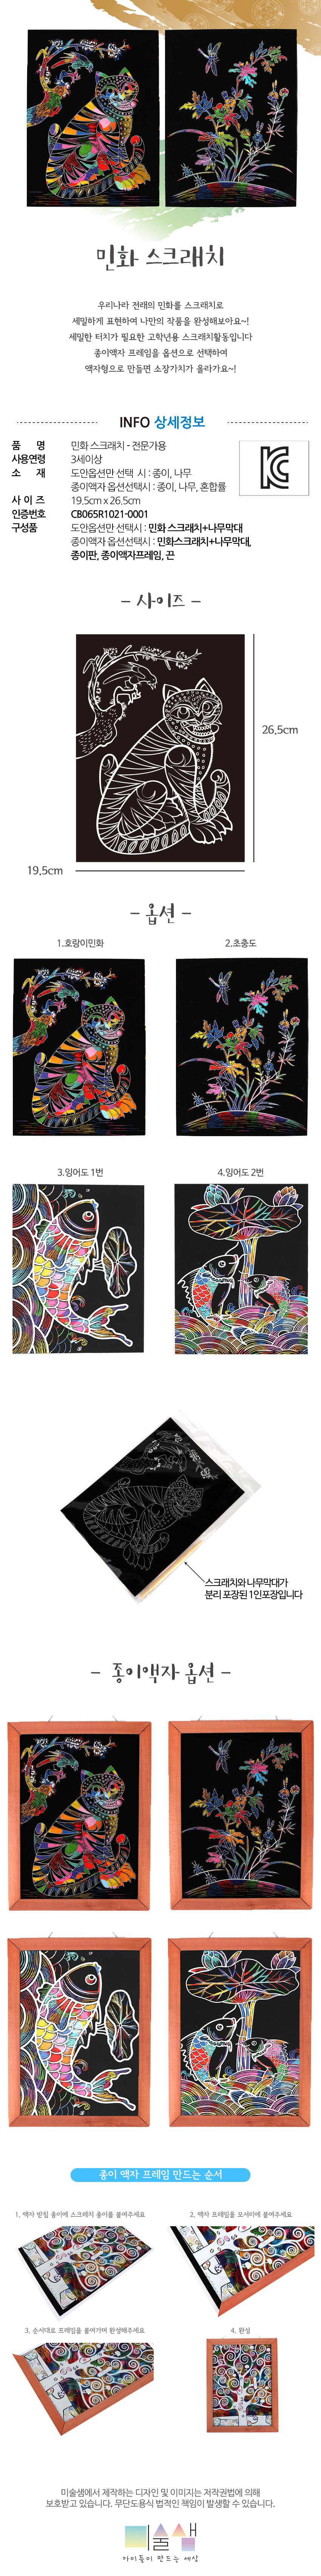 민화스크래치 전문가용(A4사이즈)_도안만 - 미술샘, 700원, 종이공예/북아트, 종이공예 패키지